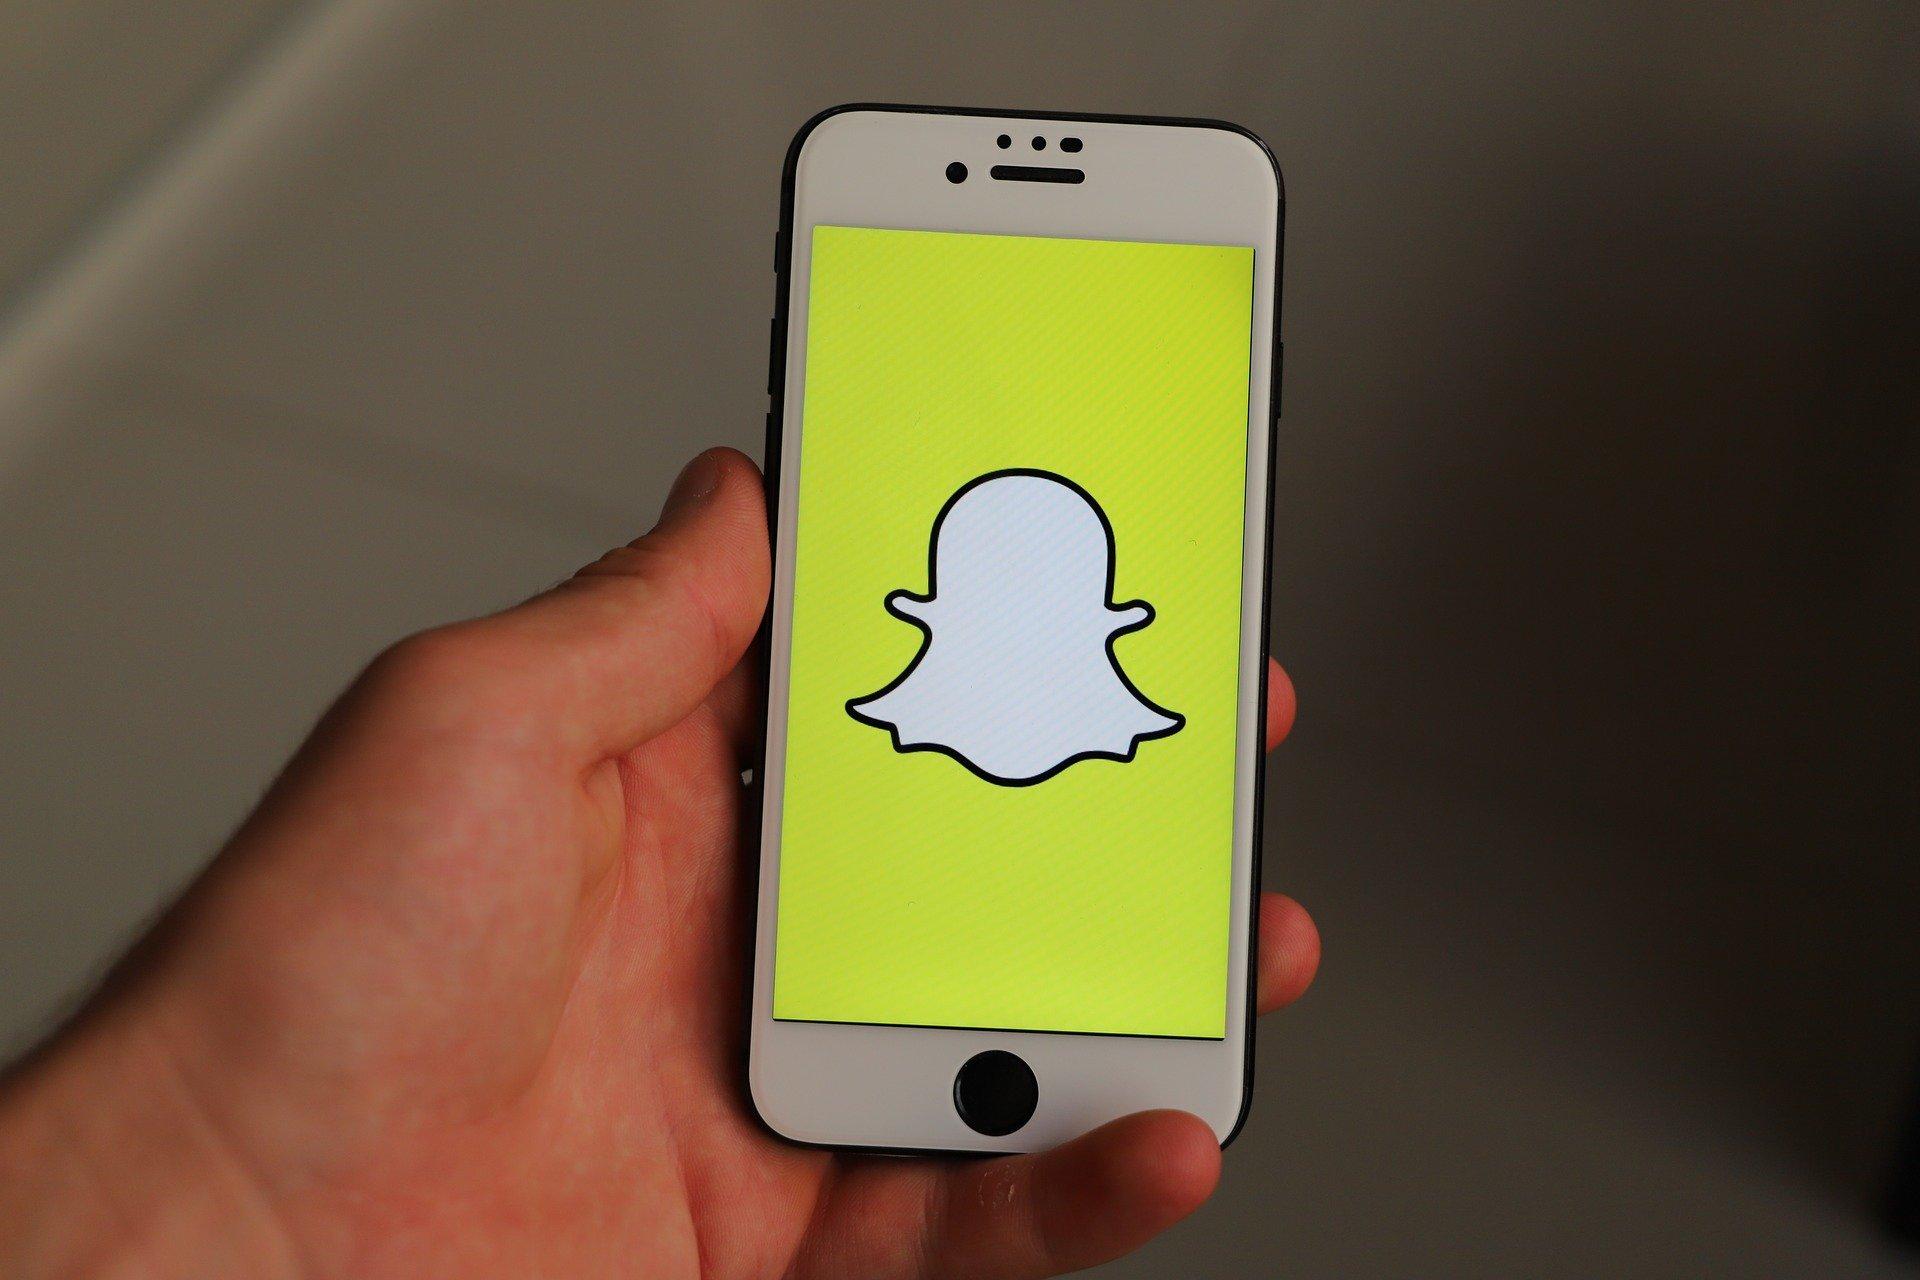 Comment gagner de l'argent sur Snapchat?